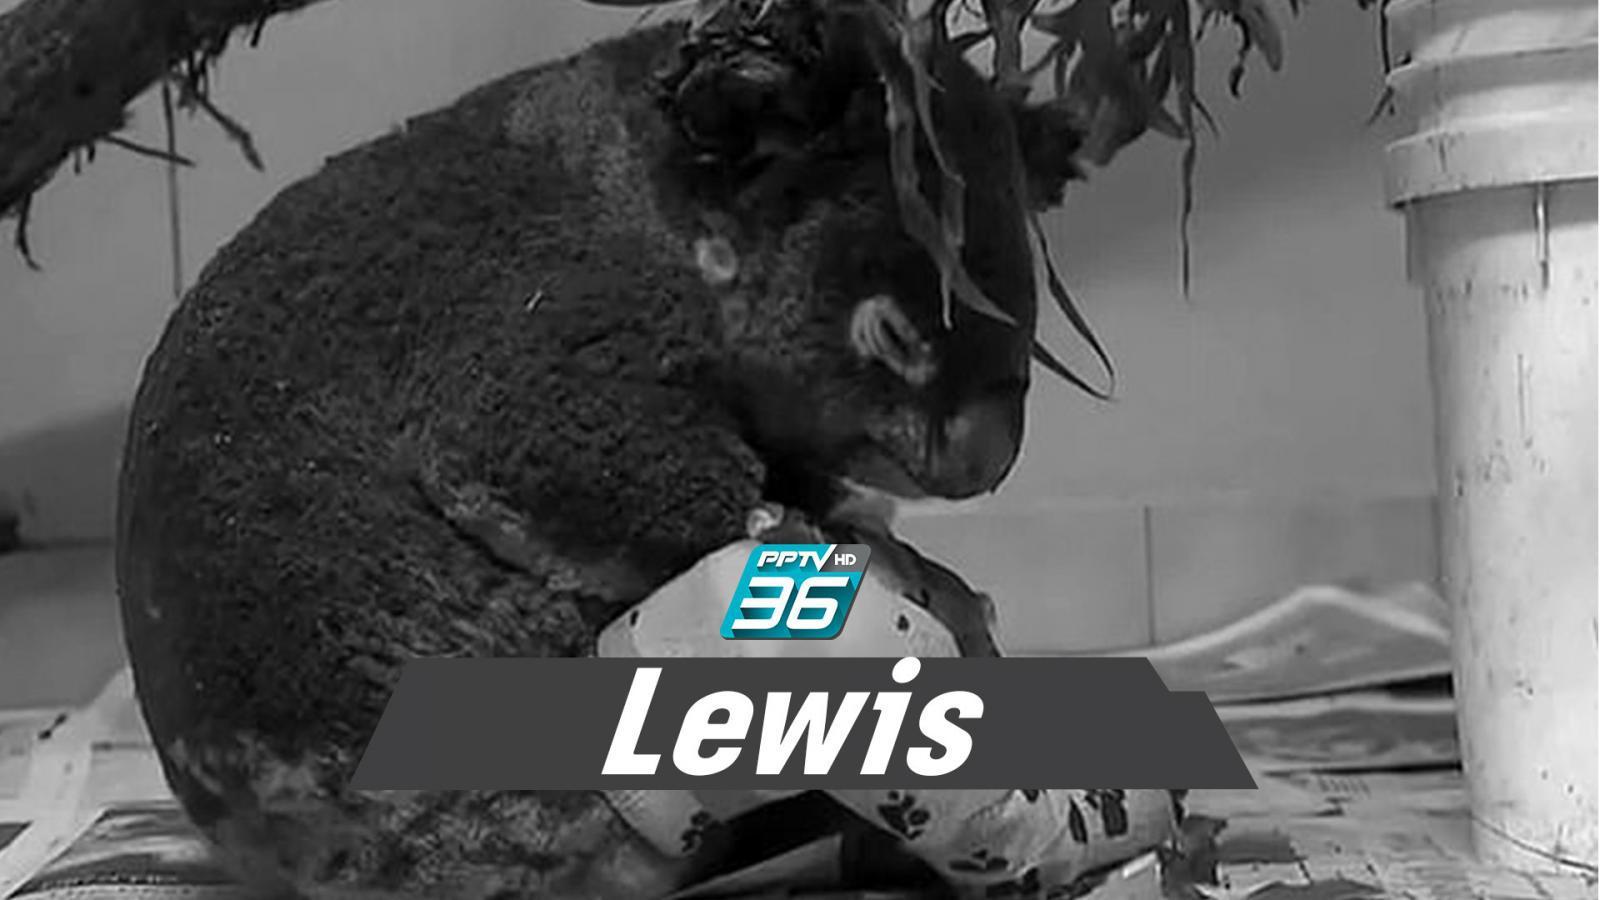 """โคอาลา """"Lewis"""" จากไปแล้ว! หมอจำใจการุณยฆาต ไม่ให้ทรมาน"""